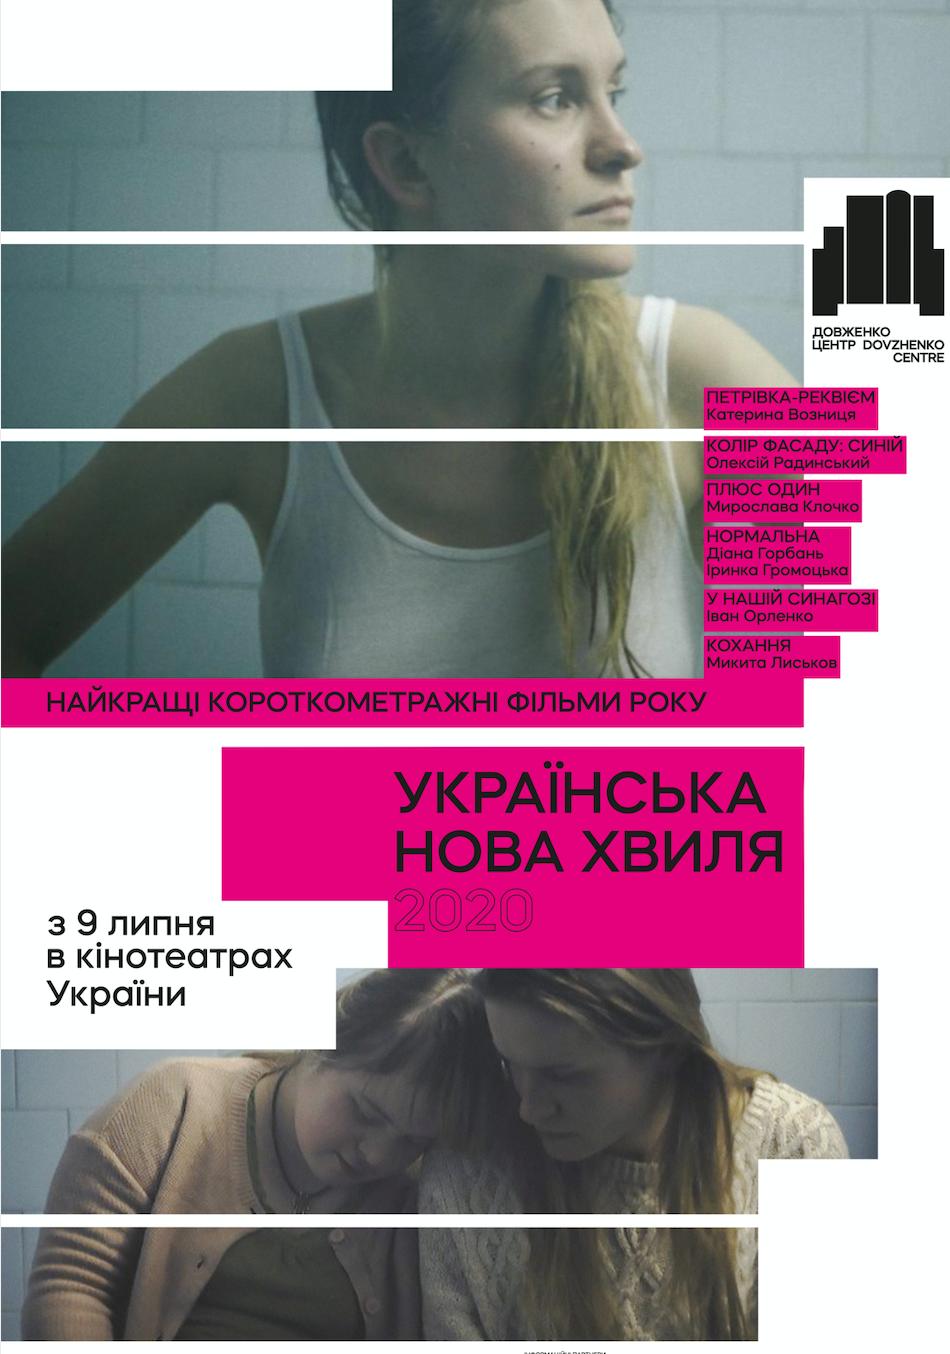 https://kinoafisha.ua/upload/2020/07/films/9236/218cyp7zukrainskaya-novaya-volna-2020